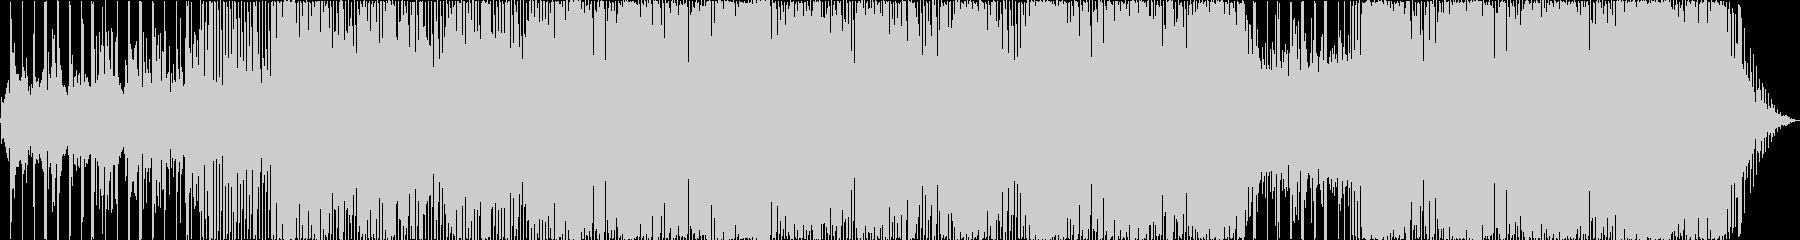 ダンスプログレッシブ。 90音。の未再生の波形